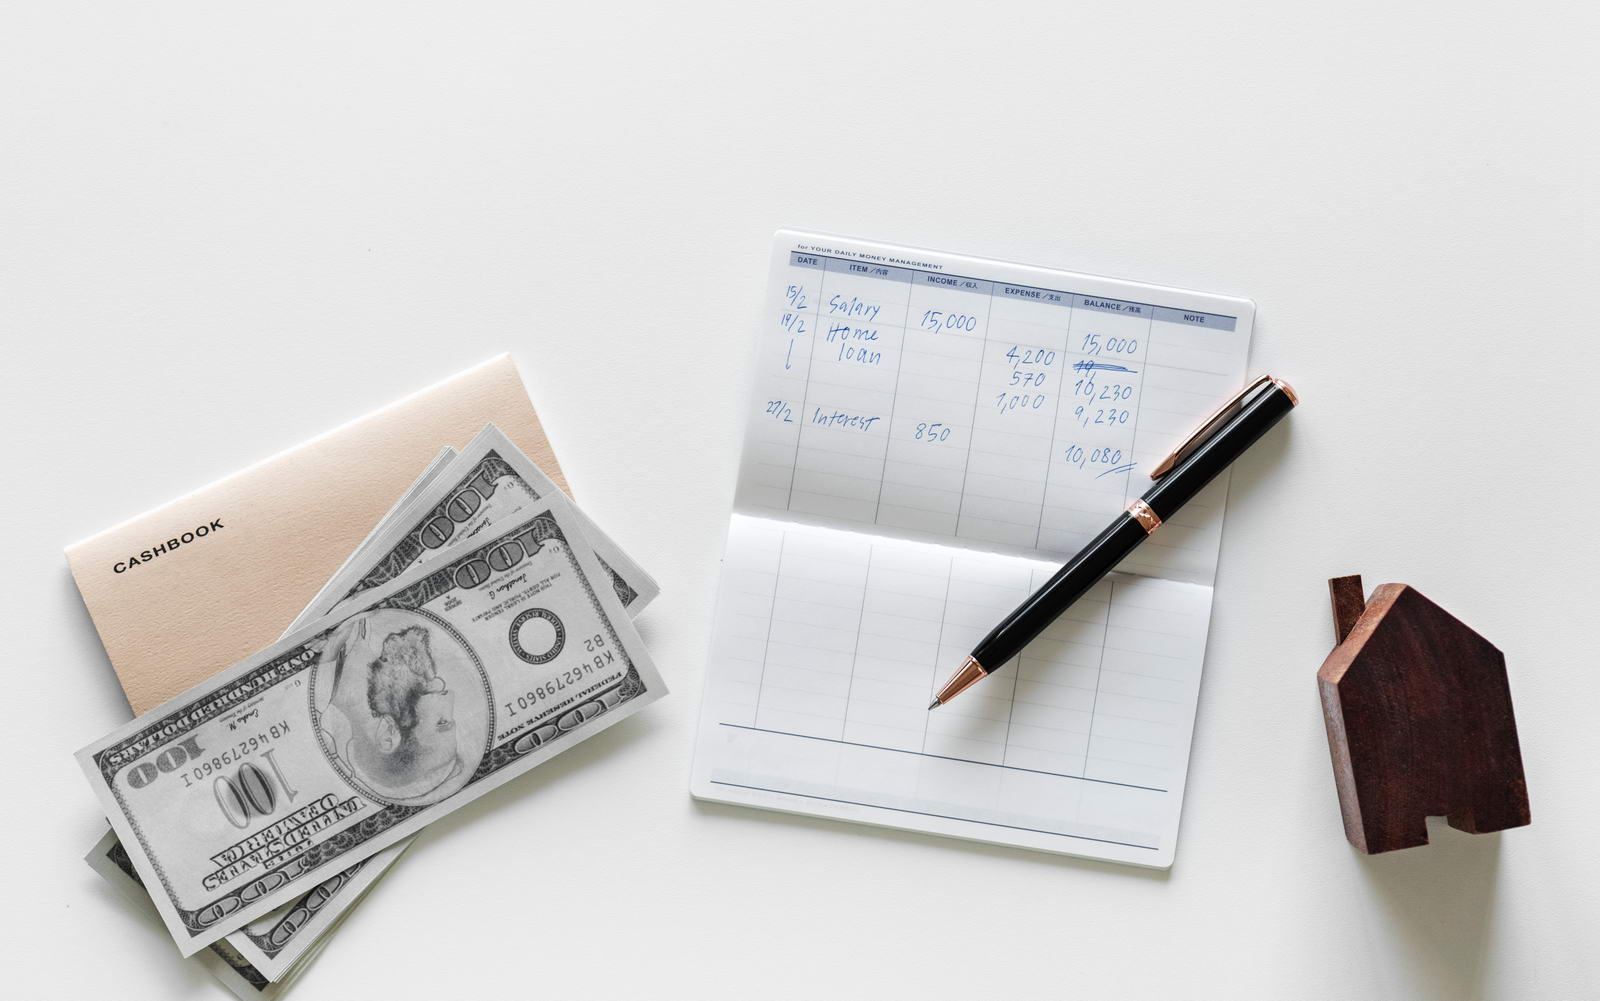 5 bons réflexes à avoir avant d'acheter un bien immobilier aux États-Unis